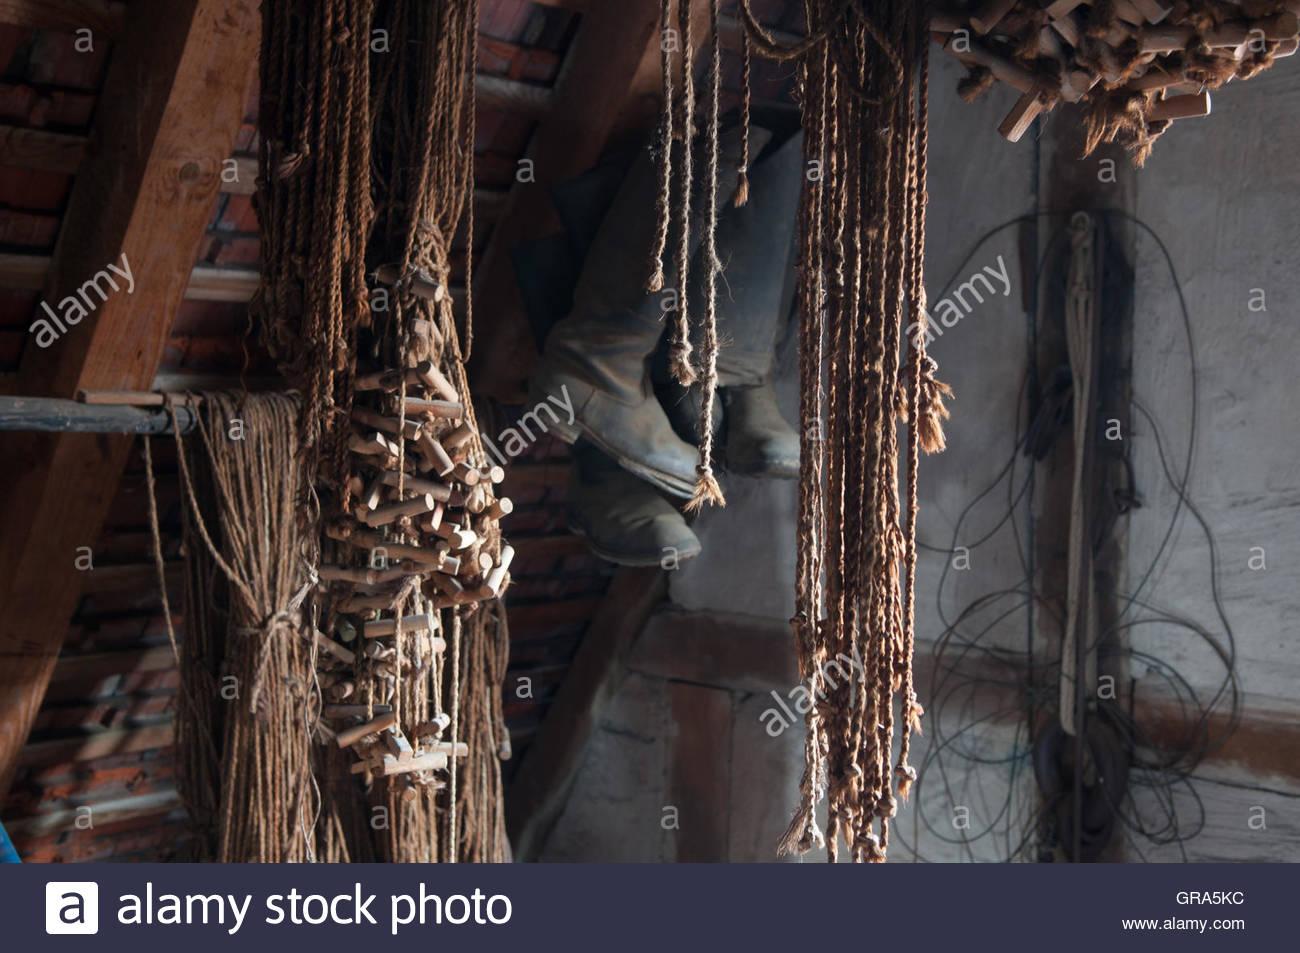 Hemp Ropes On An Attic Stock Photo